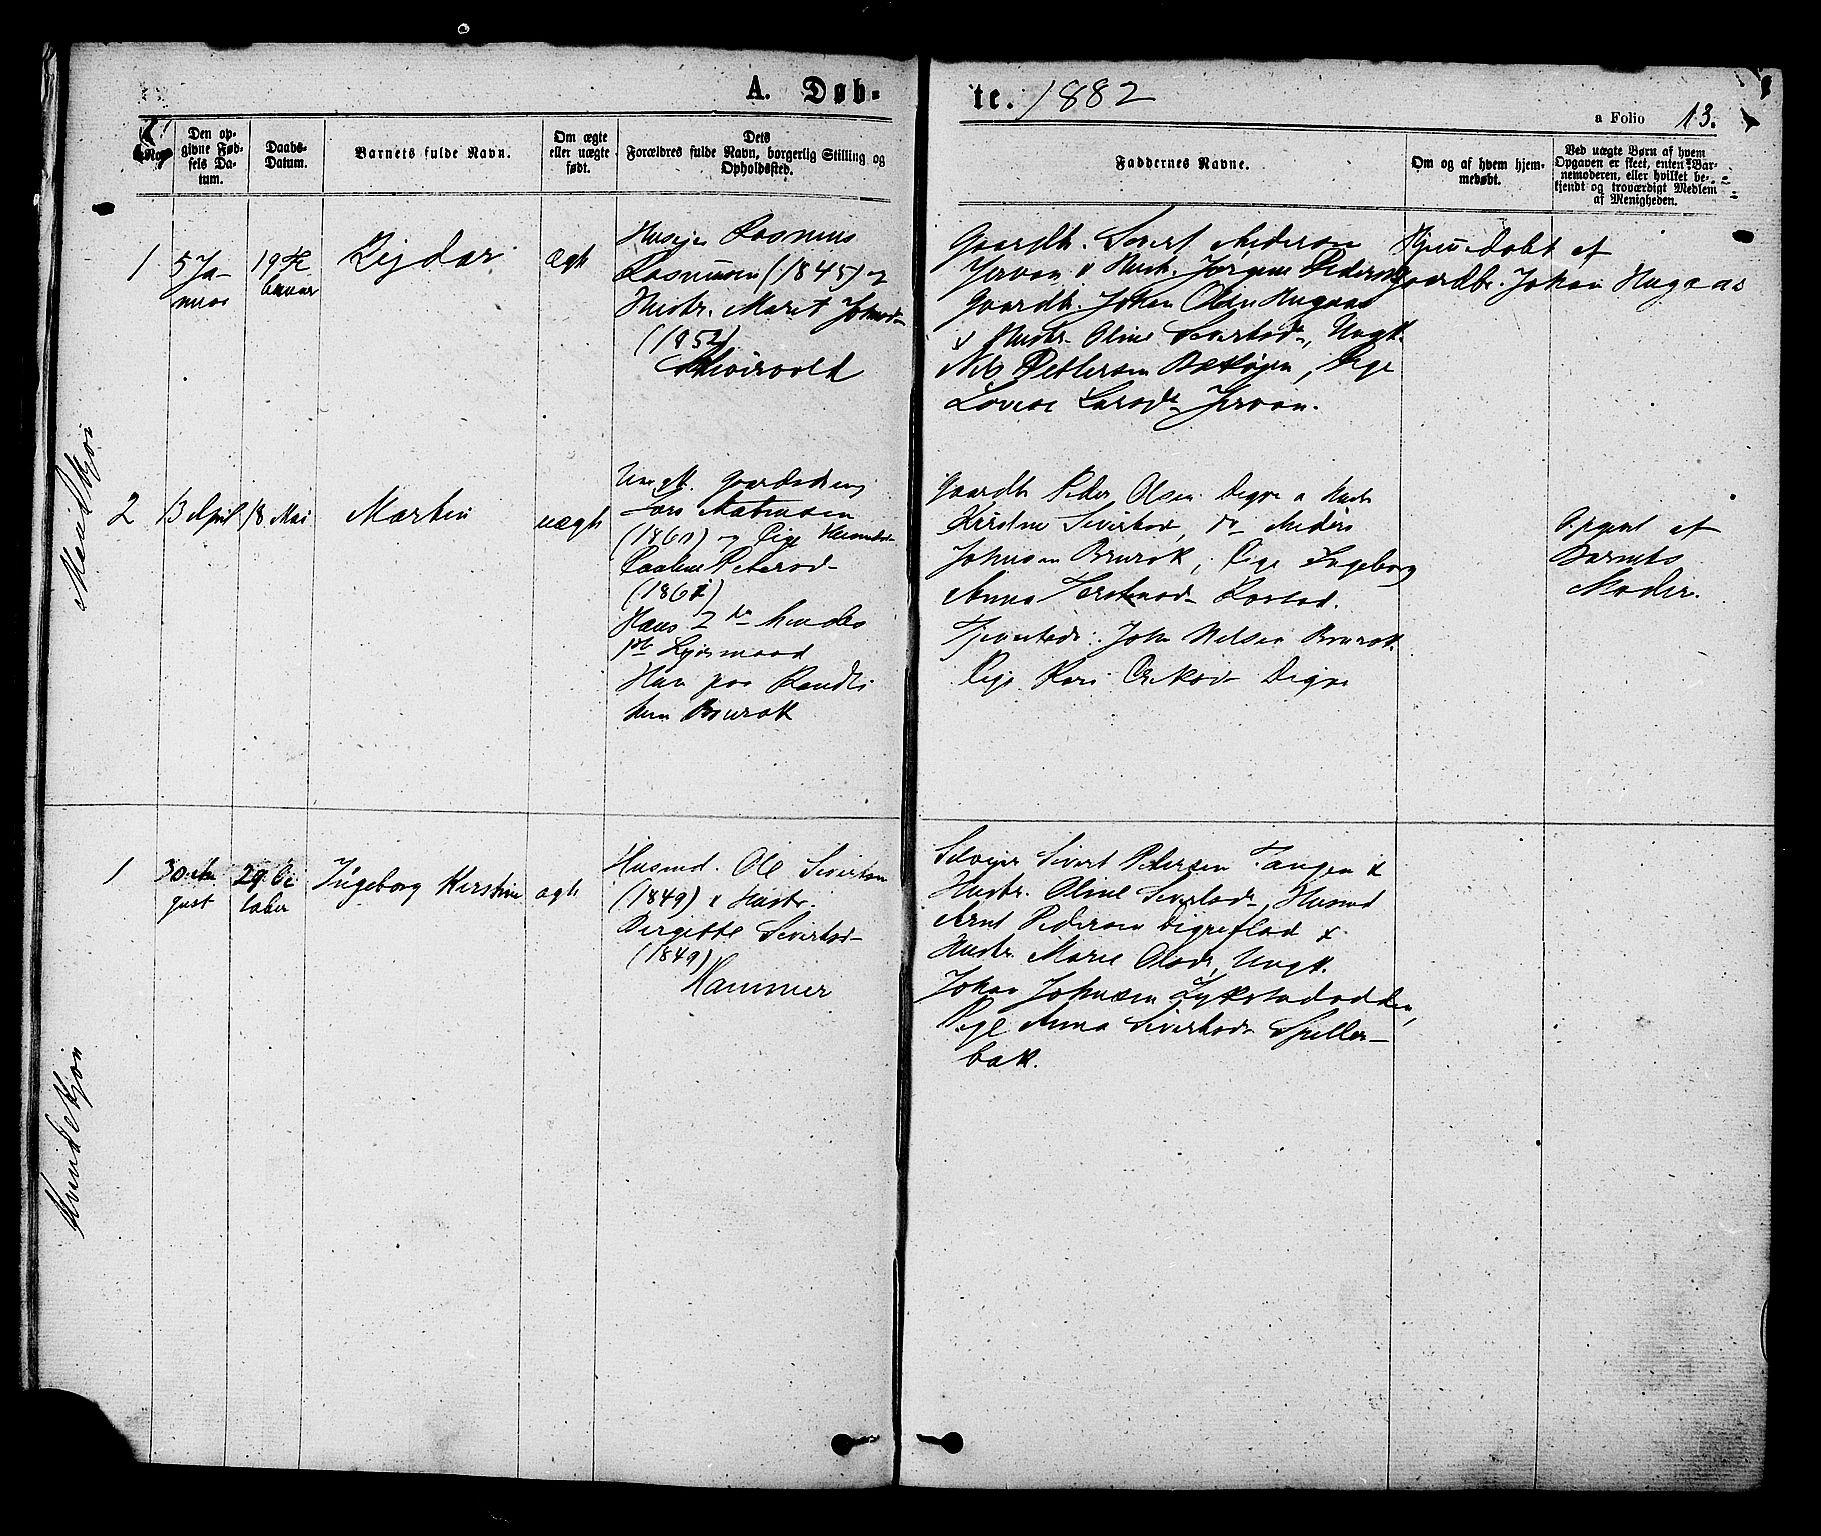 SAT, Ministerialprotokoller, klokkerbøker og fødselsregistre - Sør-Trøndelag, 608/L0334: Ministerialbok nr. 608A03, 1877-1886, s. 13